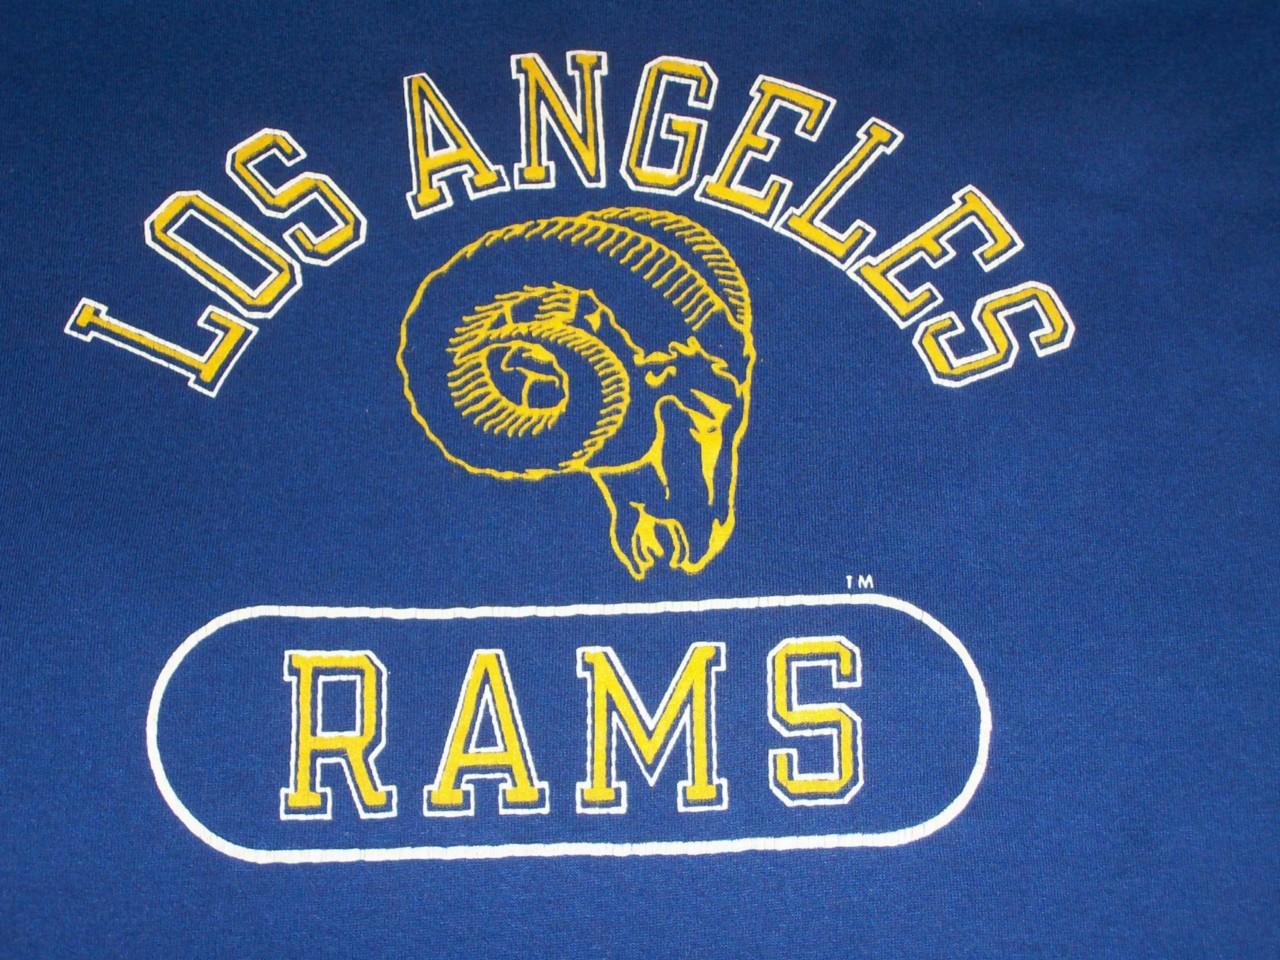 Los Angeles Rams Cheerleaders 1980s HD Walls Find Wallpapers